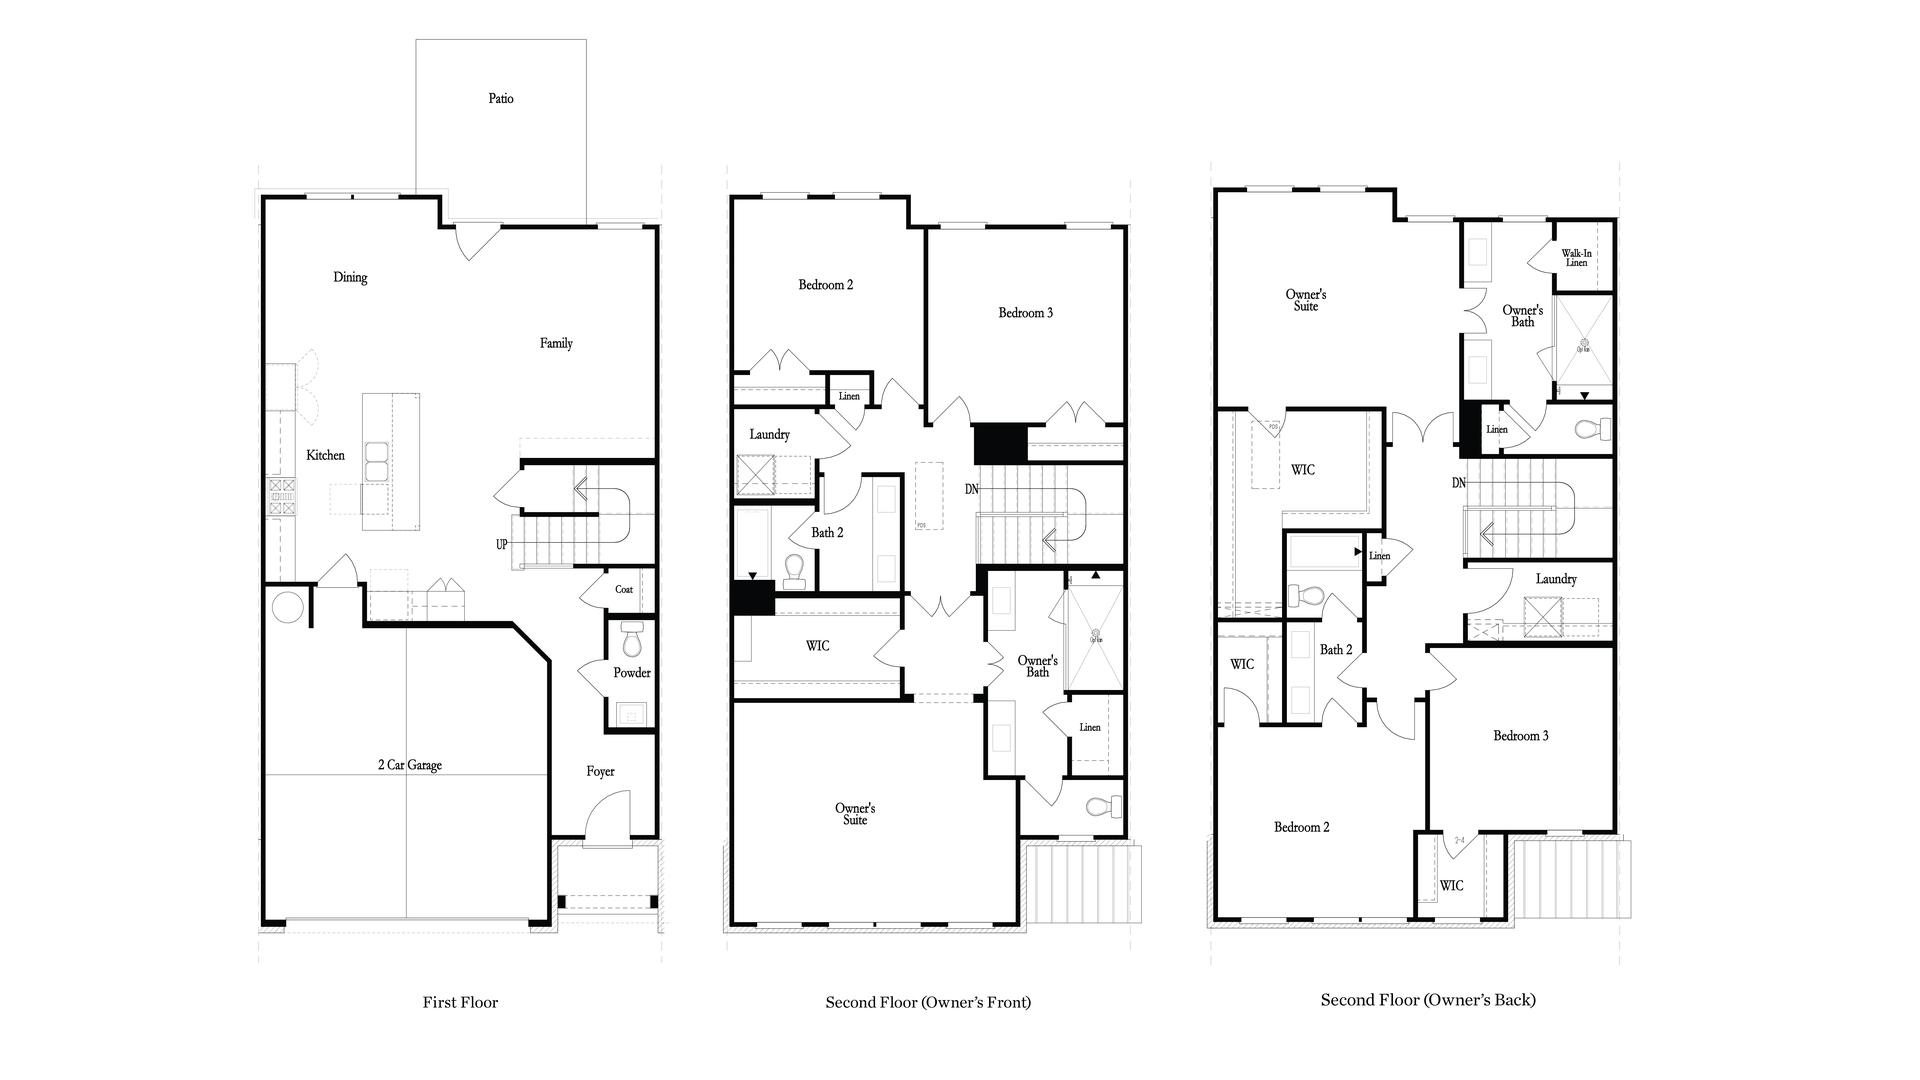 Floor Plans. 3br New Home in Suwanee, GA